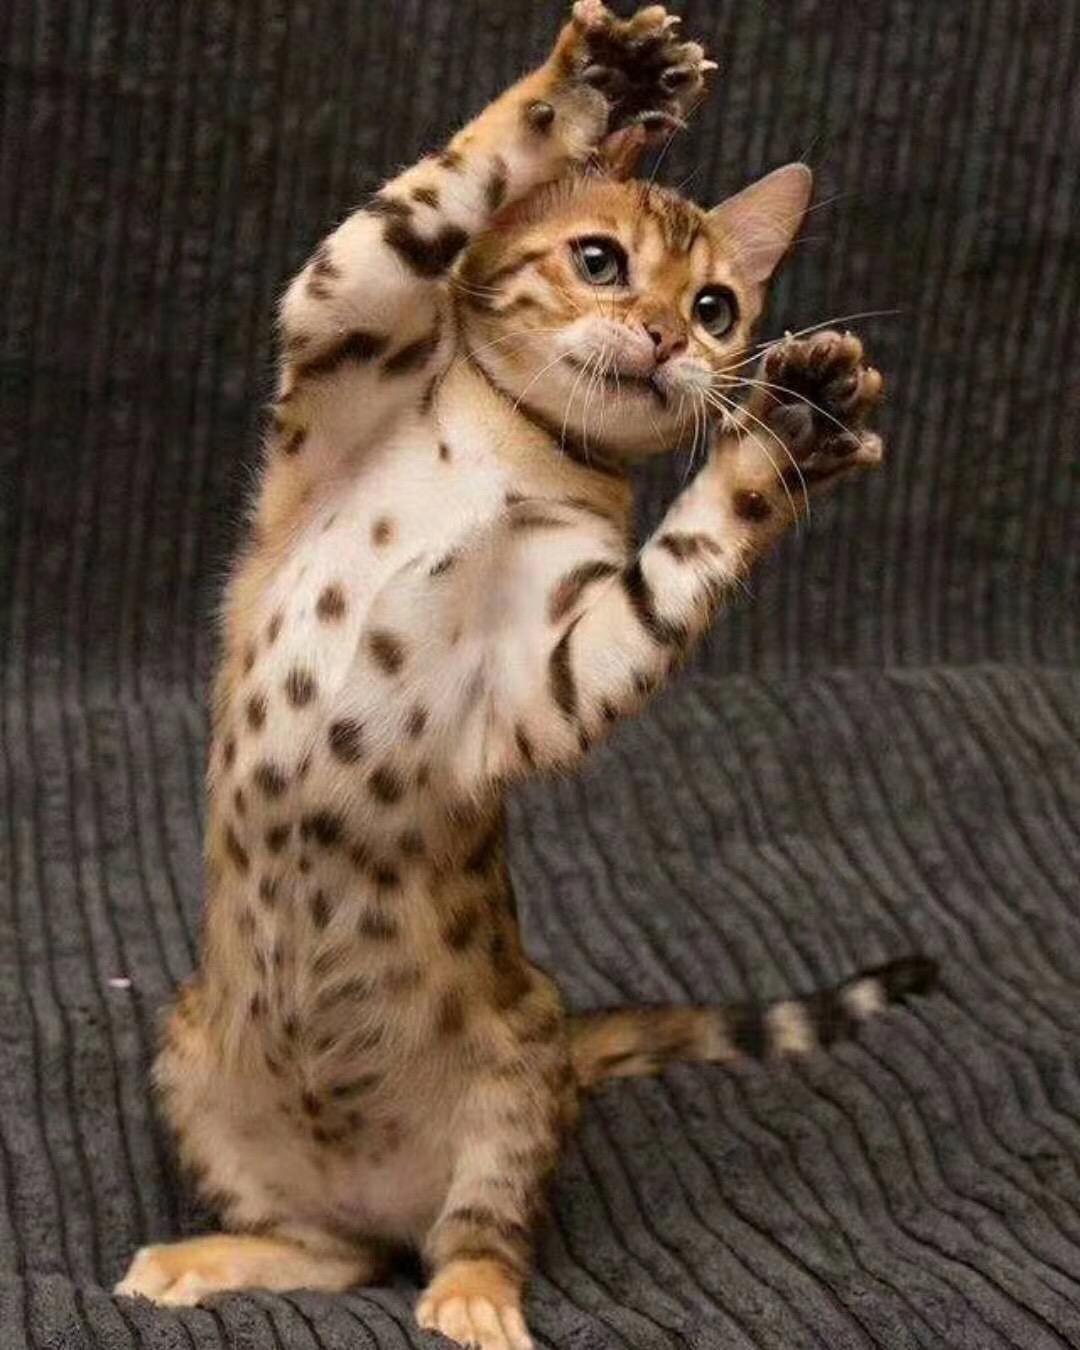 cfa认证猫舍 精品豹猫繁殖基地 纯种繁殖猫舍